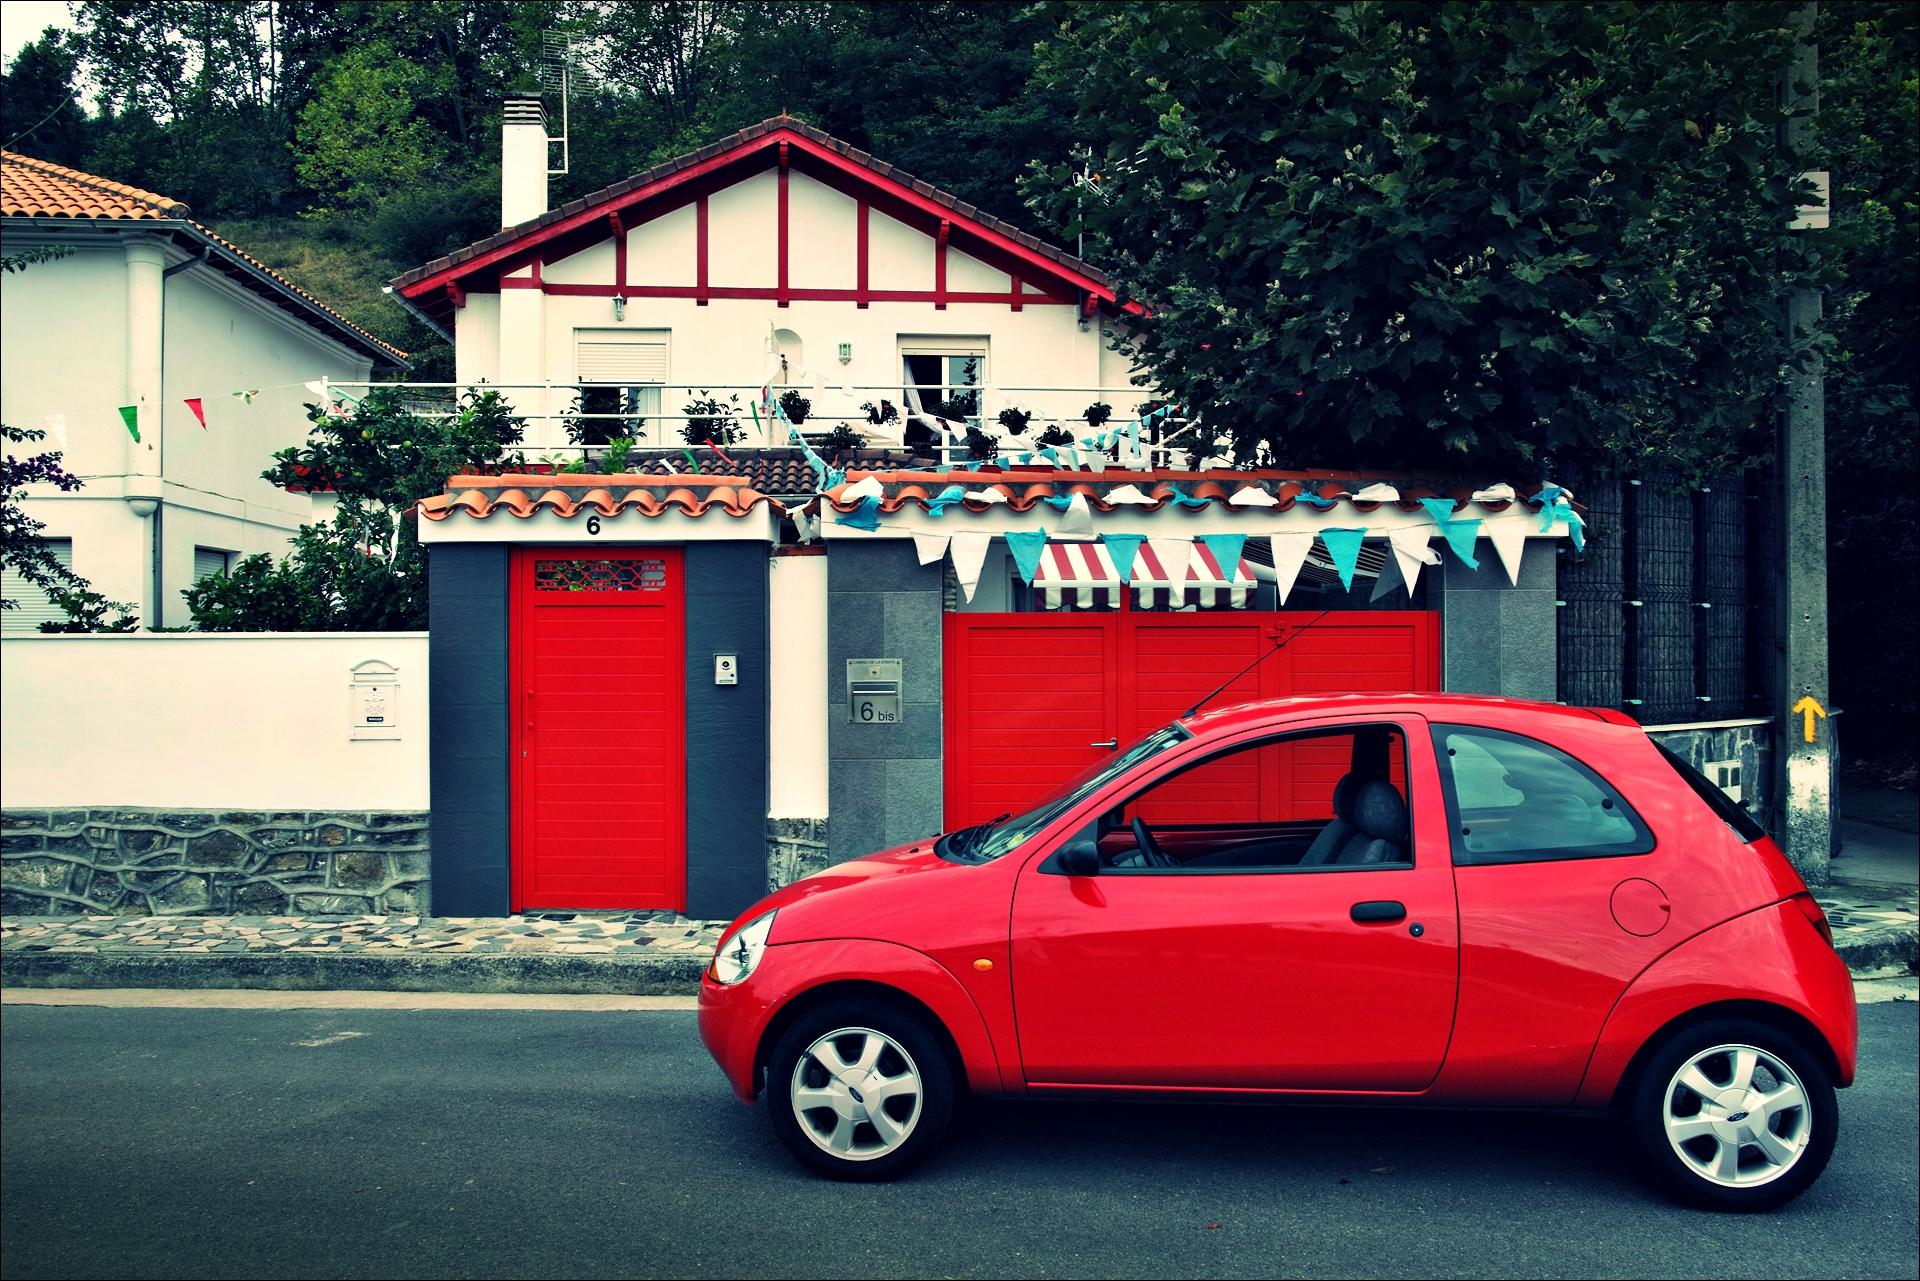 빨간 자동차-'카미노 데 산티아고 북쪽길. 포르투갈레테에서 카스트로 우르디알레스. (Camino del Norte - Portugalete to Castro Urdiales) '